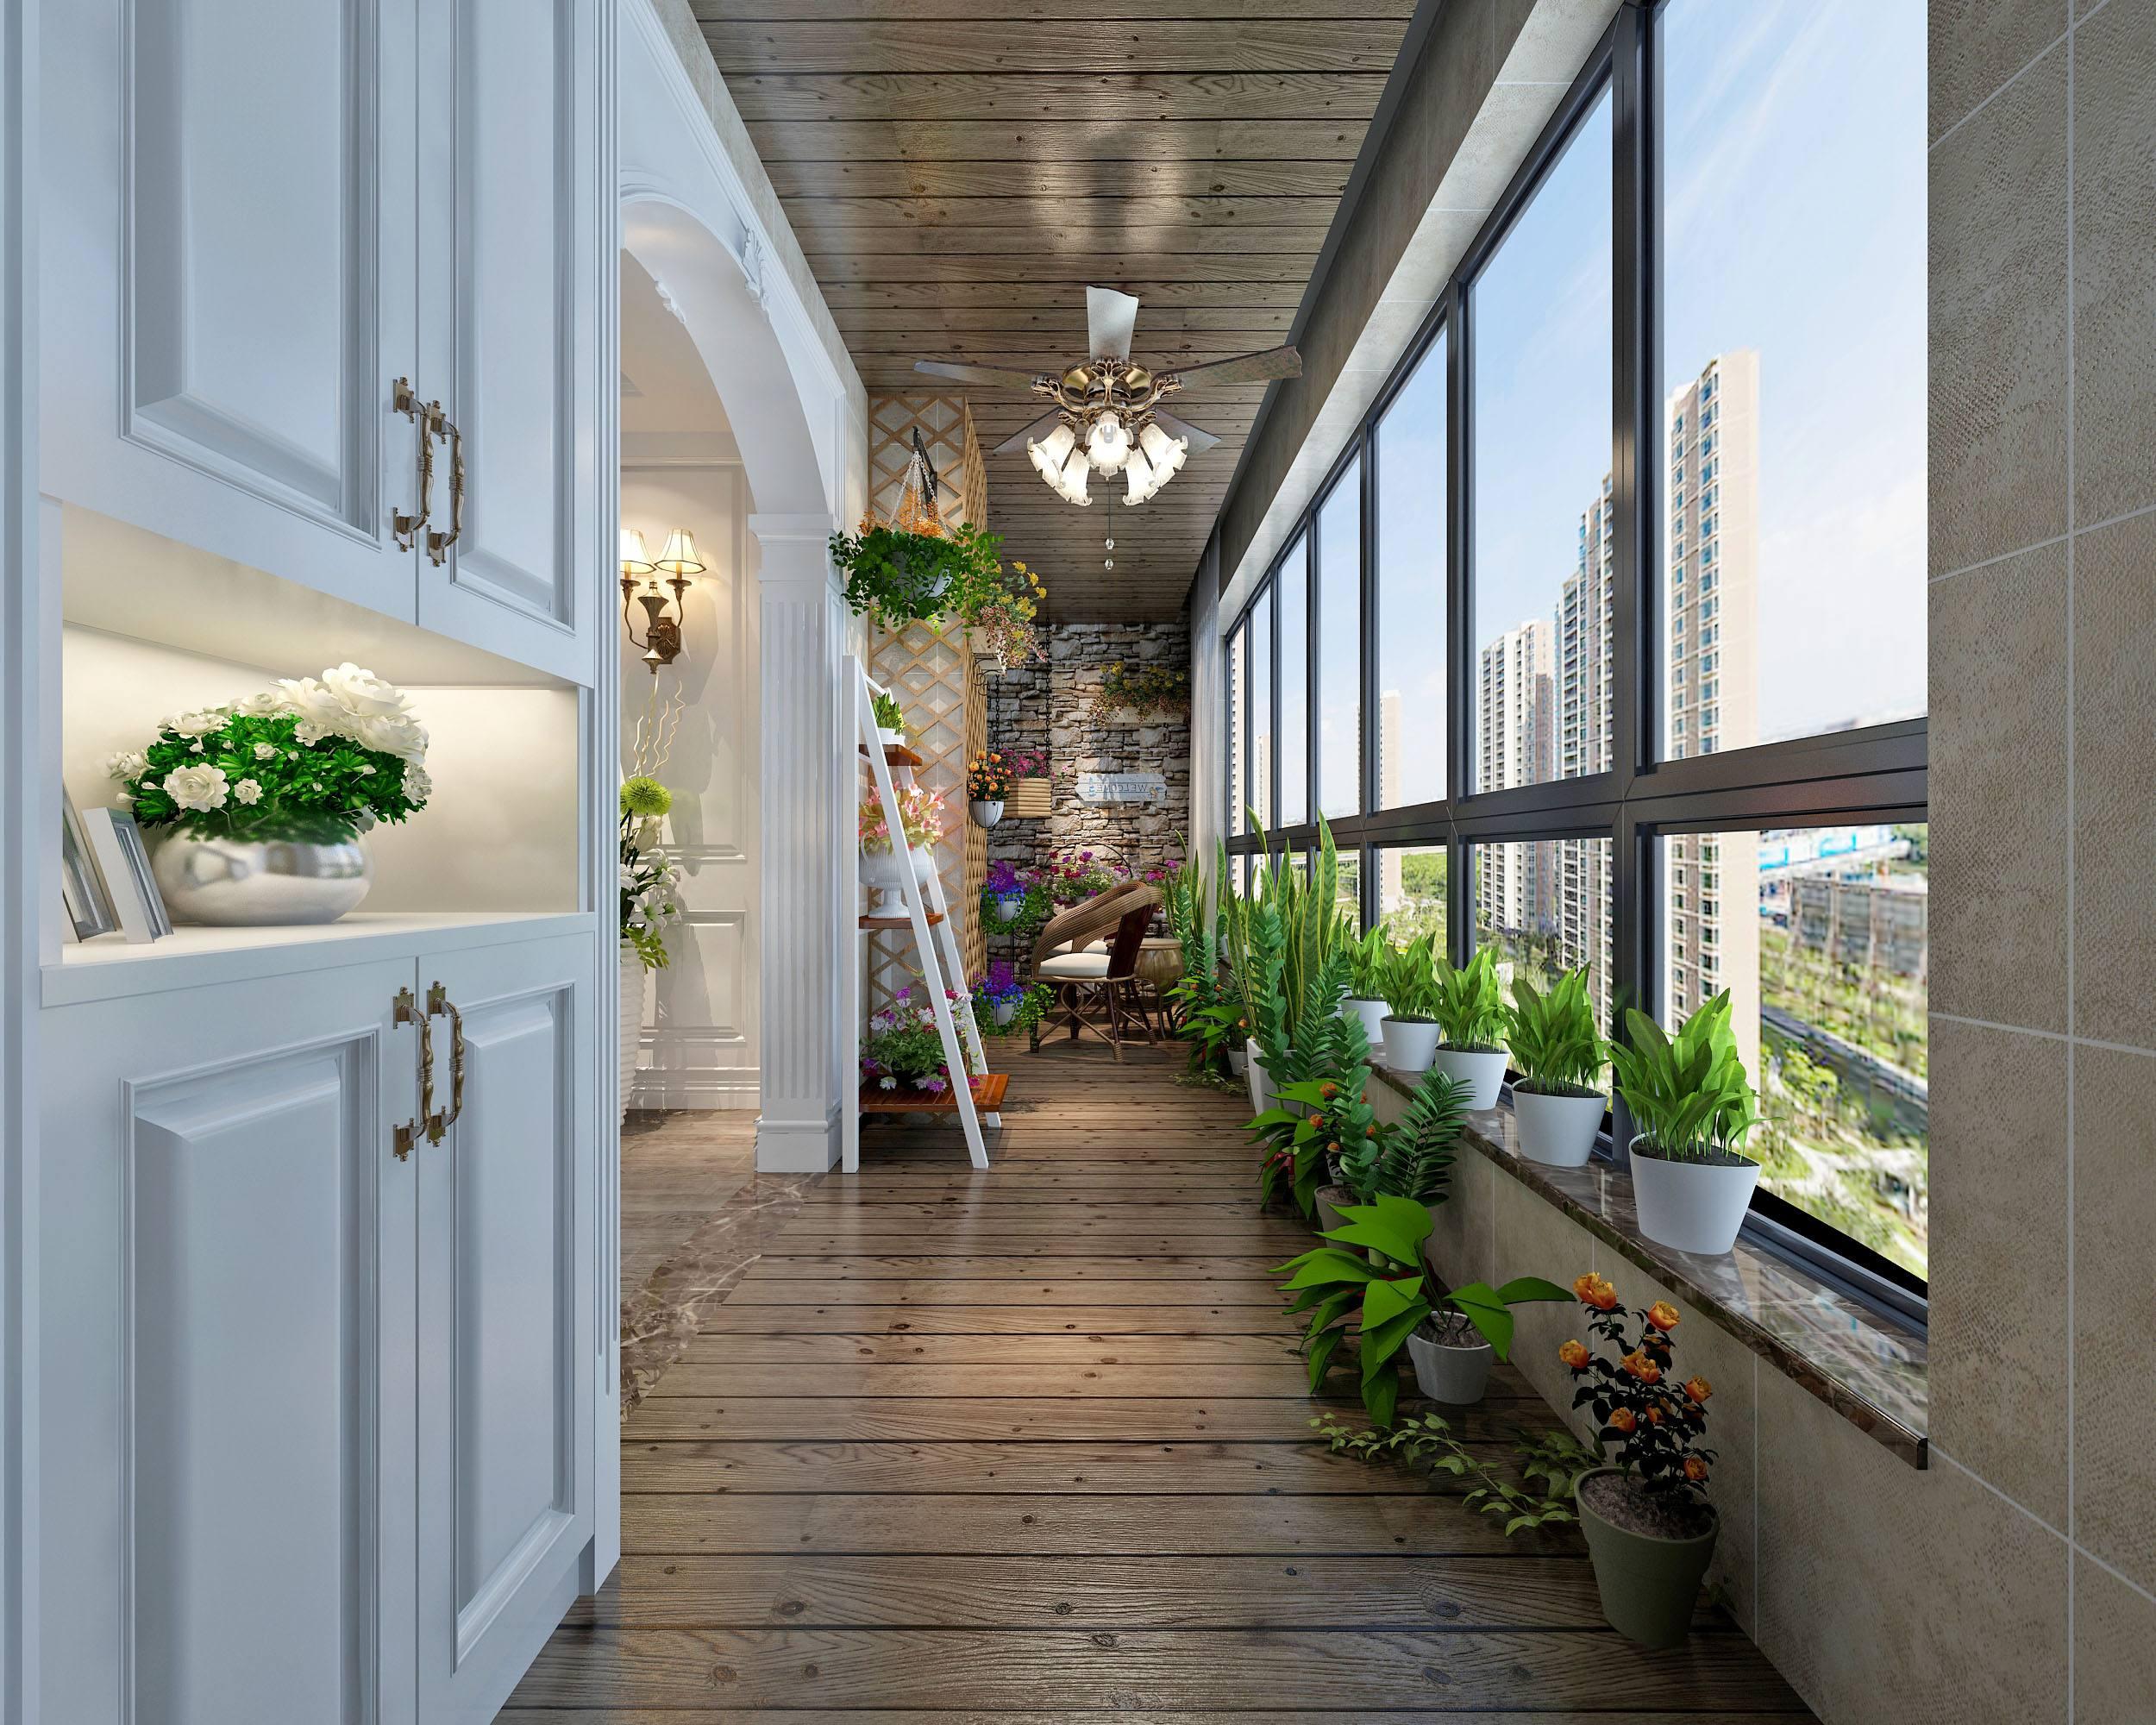 室内设计手绘绿植